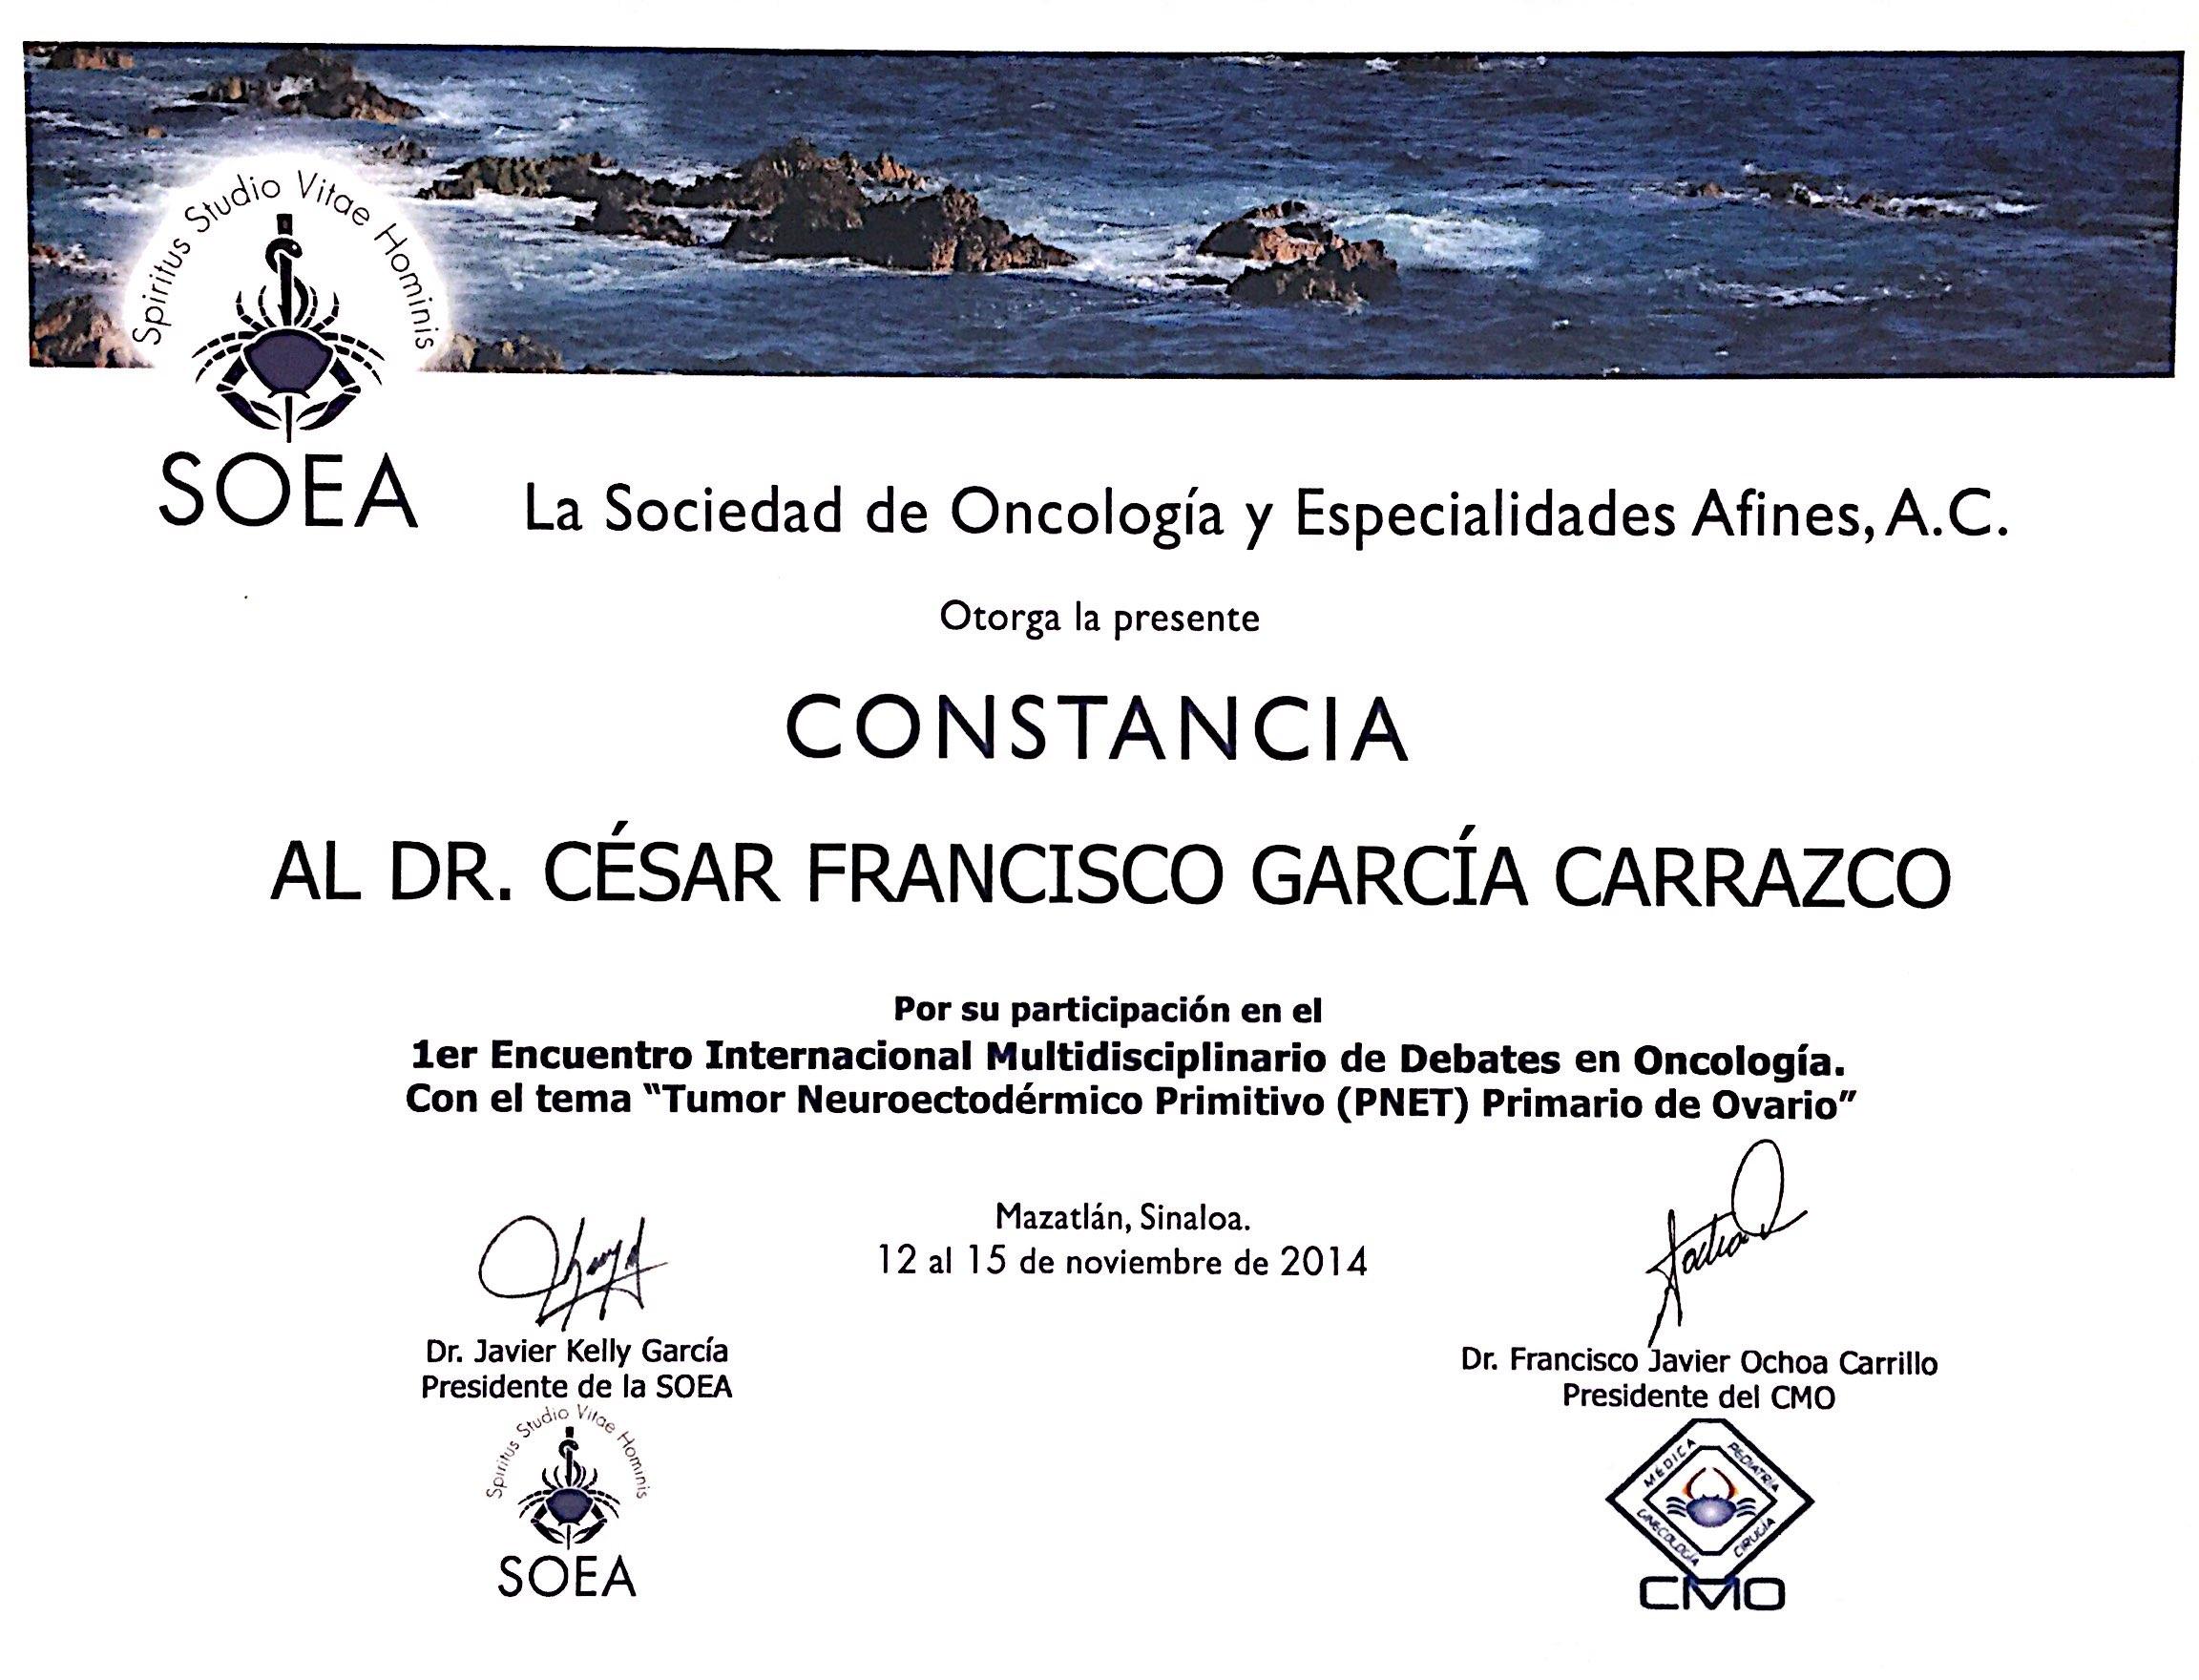 Dr. Garcia Carrazco_54